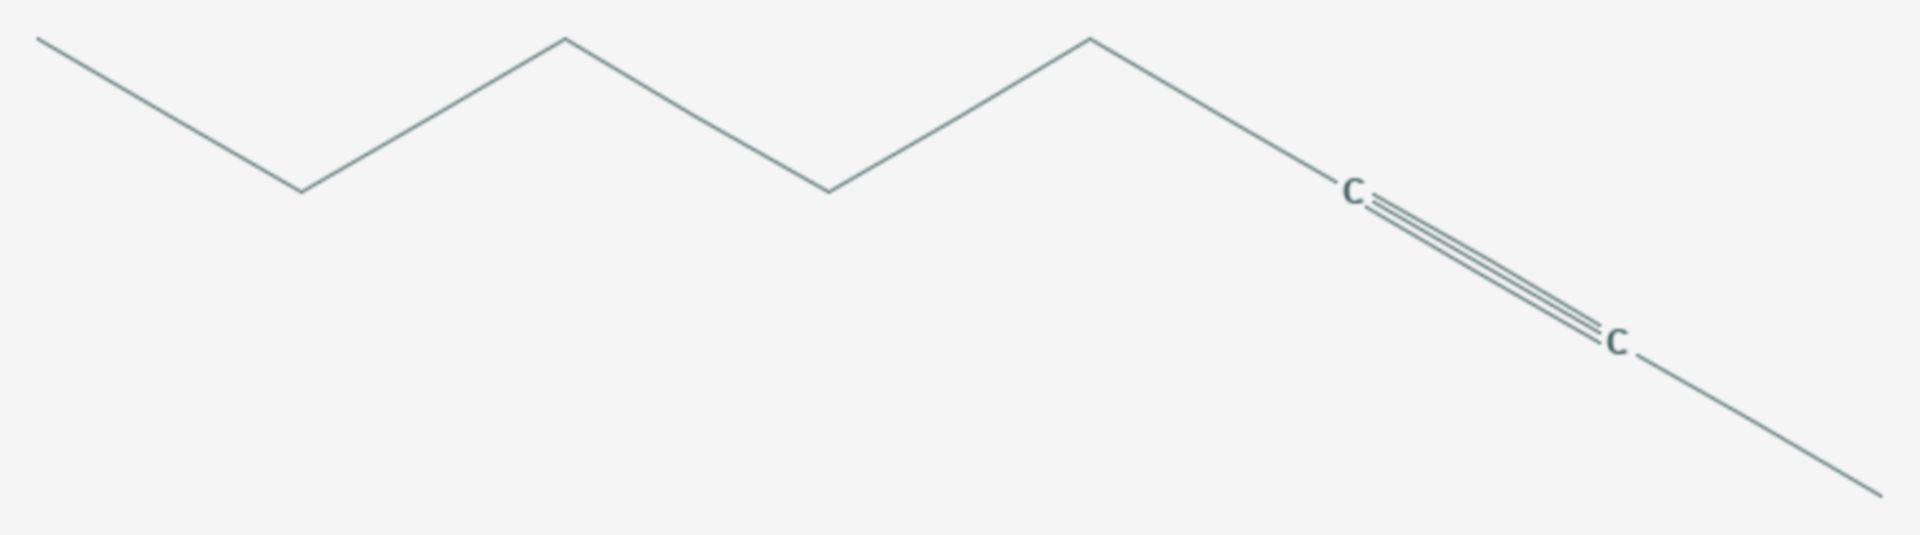 2-Octin (Strukturformel)